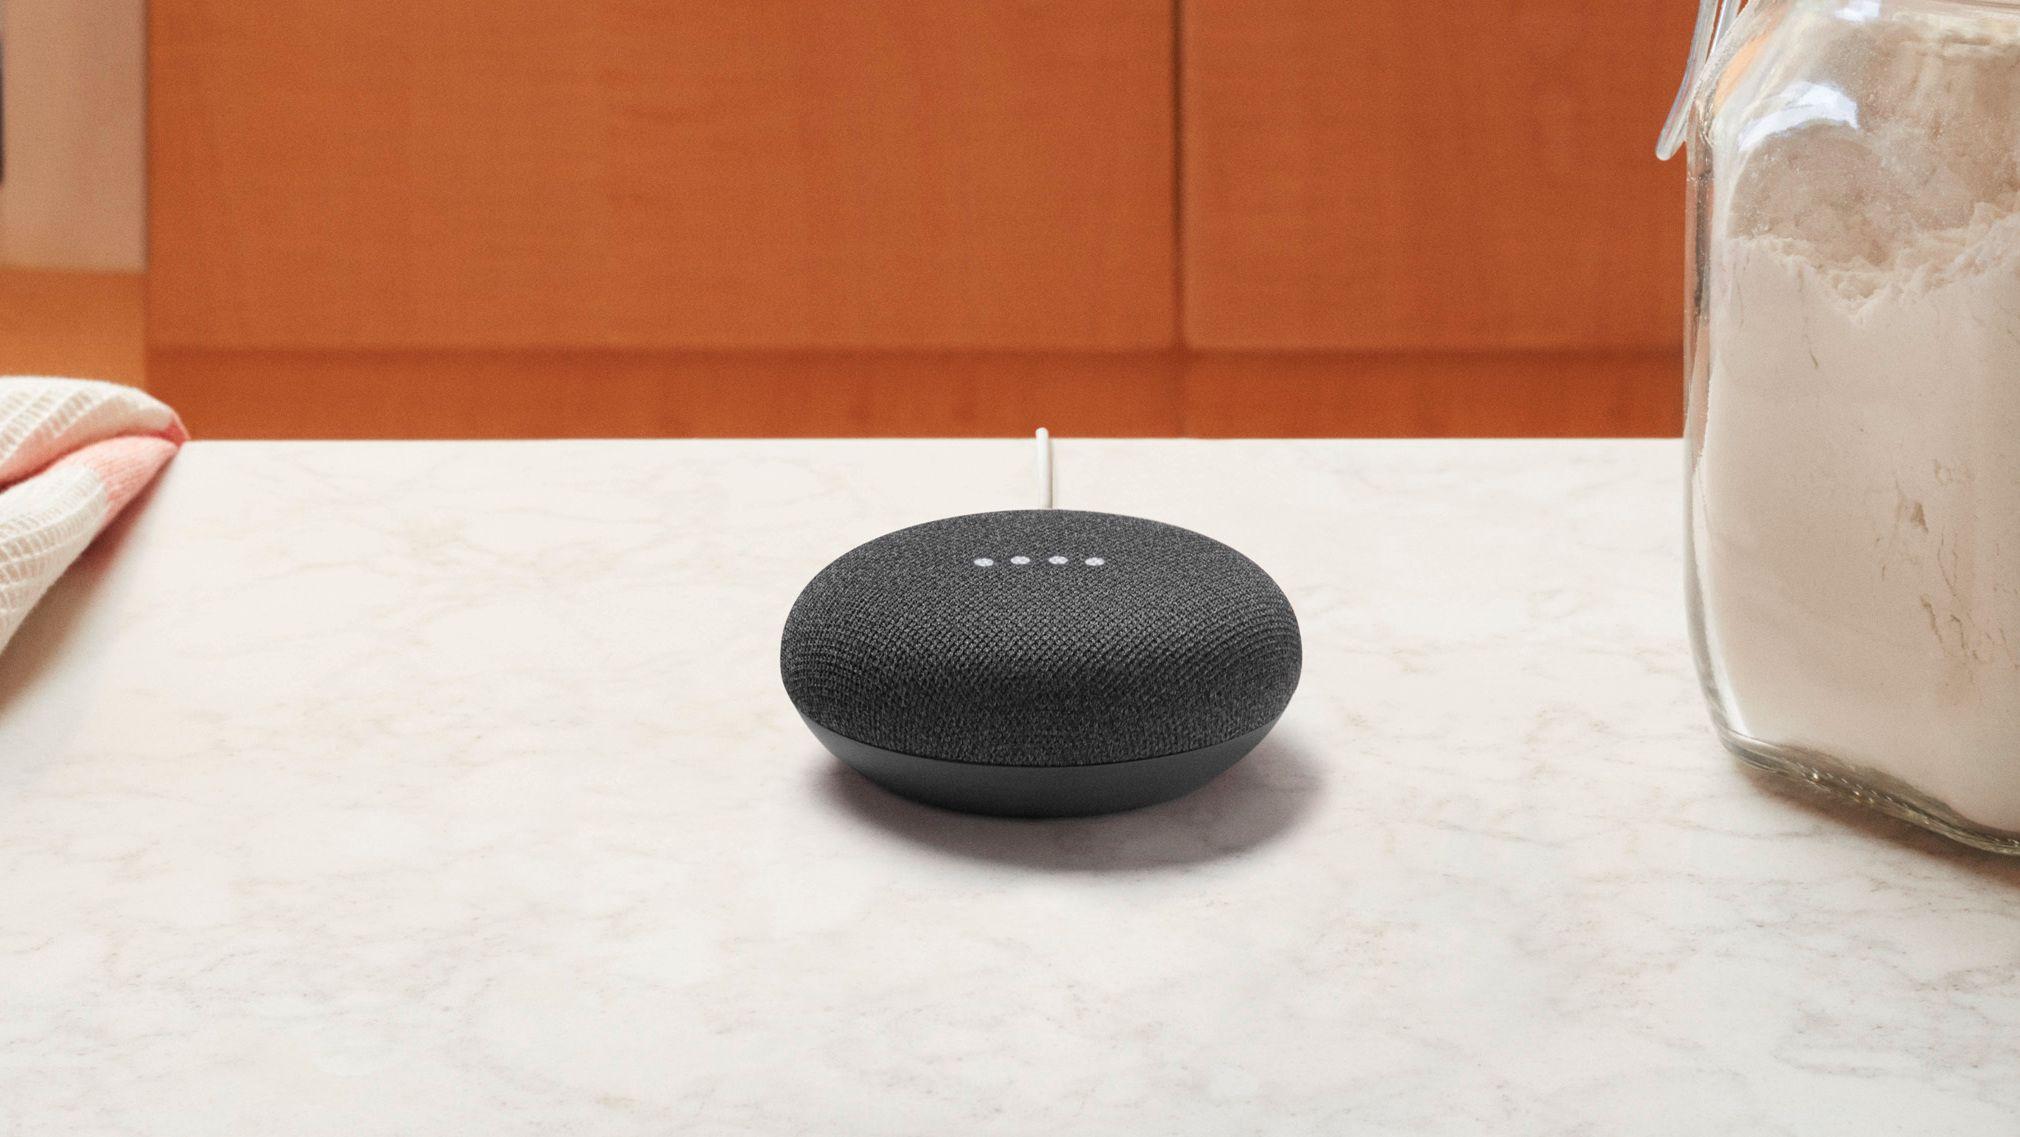 Slik ser Google Home Mini ut. Du vil neppe spille så mye musikk fra den, men størrelsen gjør den veldig plasseringsvennlig.